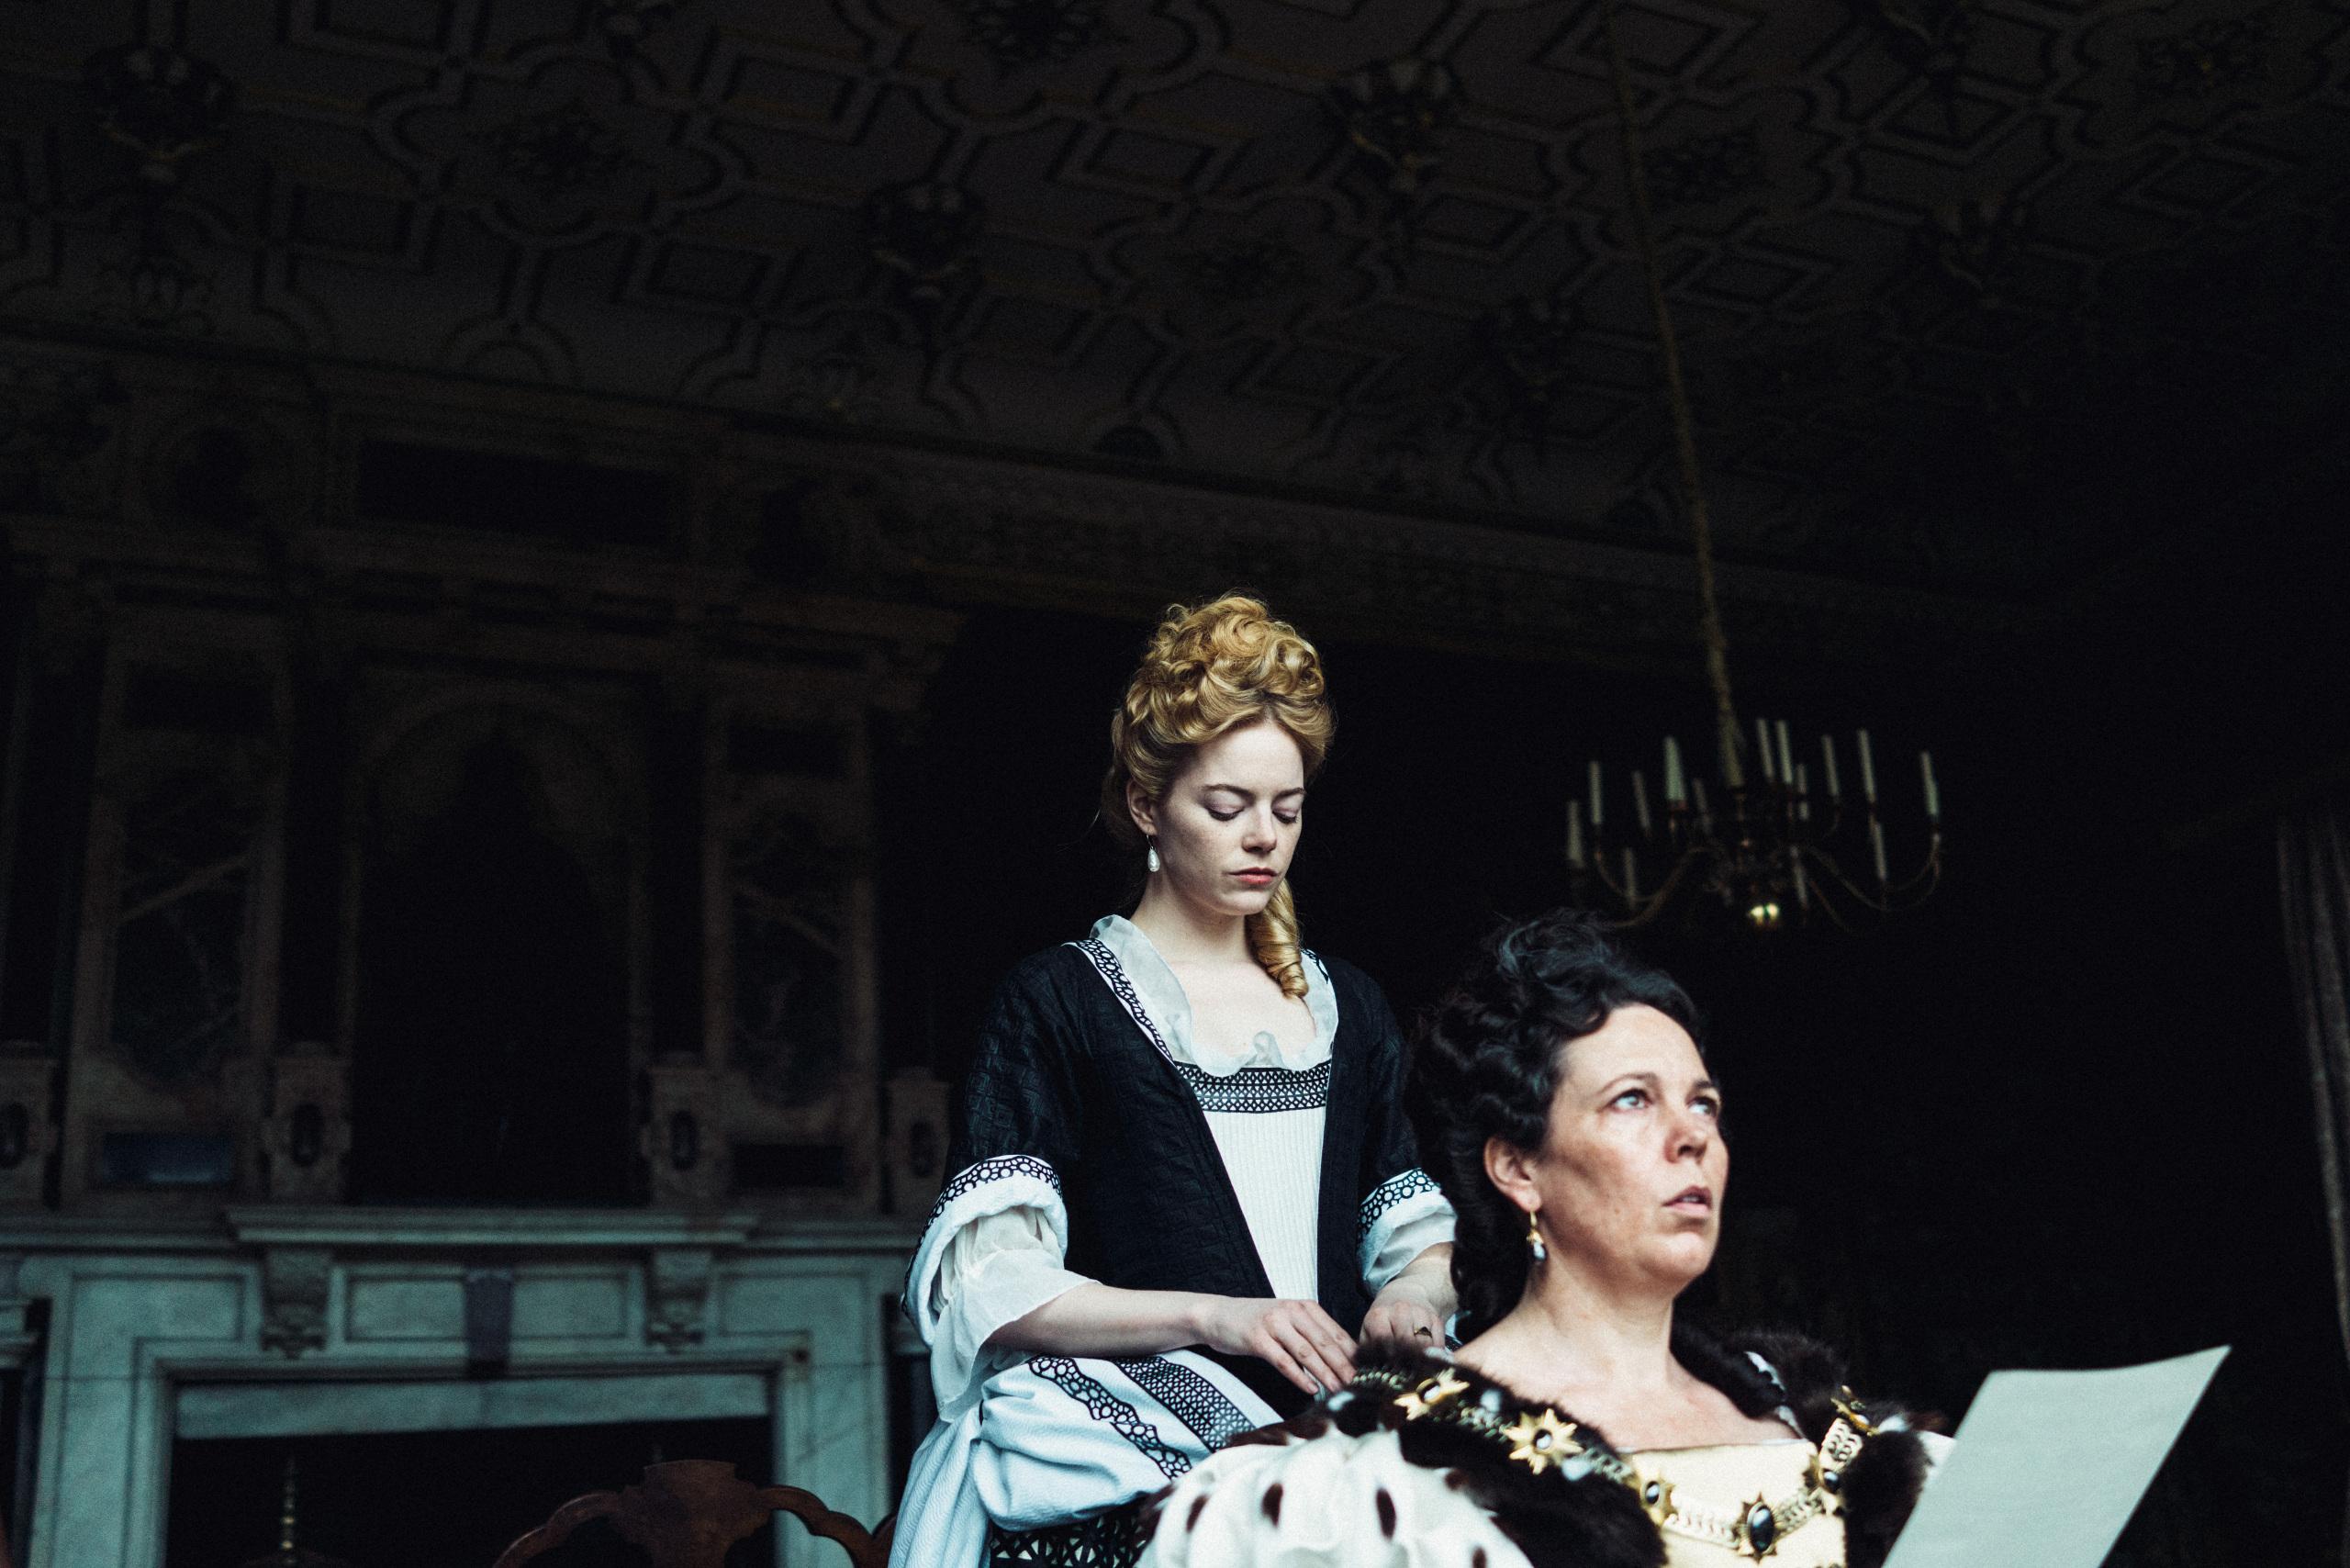 Η Εμα Στόουν (στο ρόλο της Αμπιγκέλ Χιλ) και η Ολίβια Κόλμαν σε σκηνή από την ταινία «The Favourite»/ Φωτογραφία: IMDb